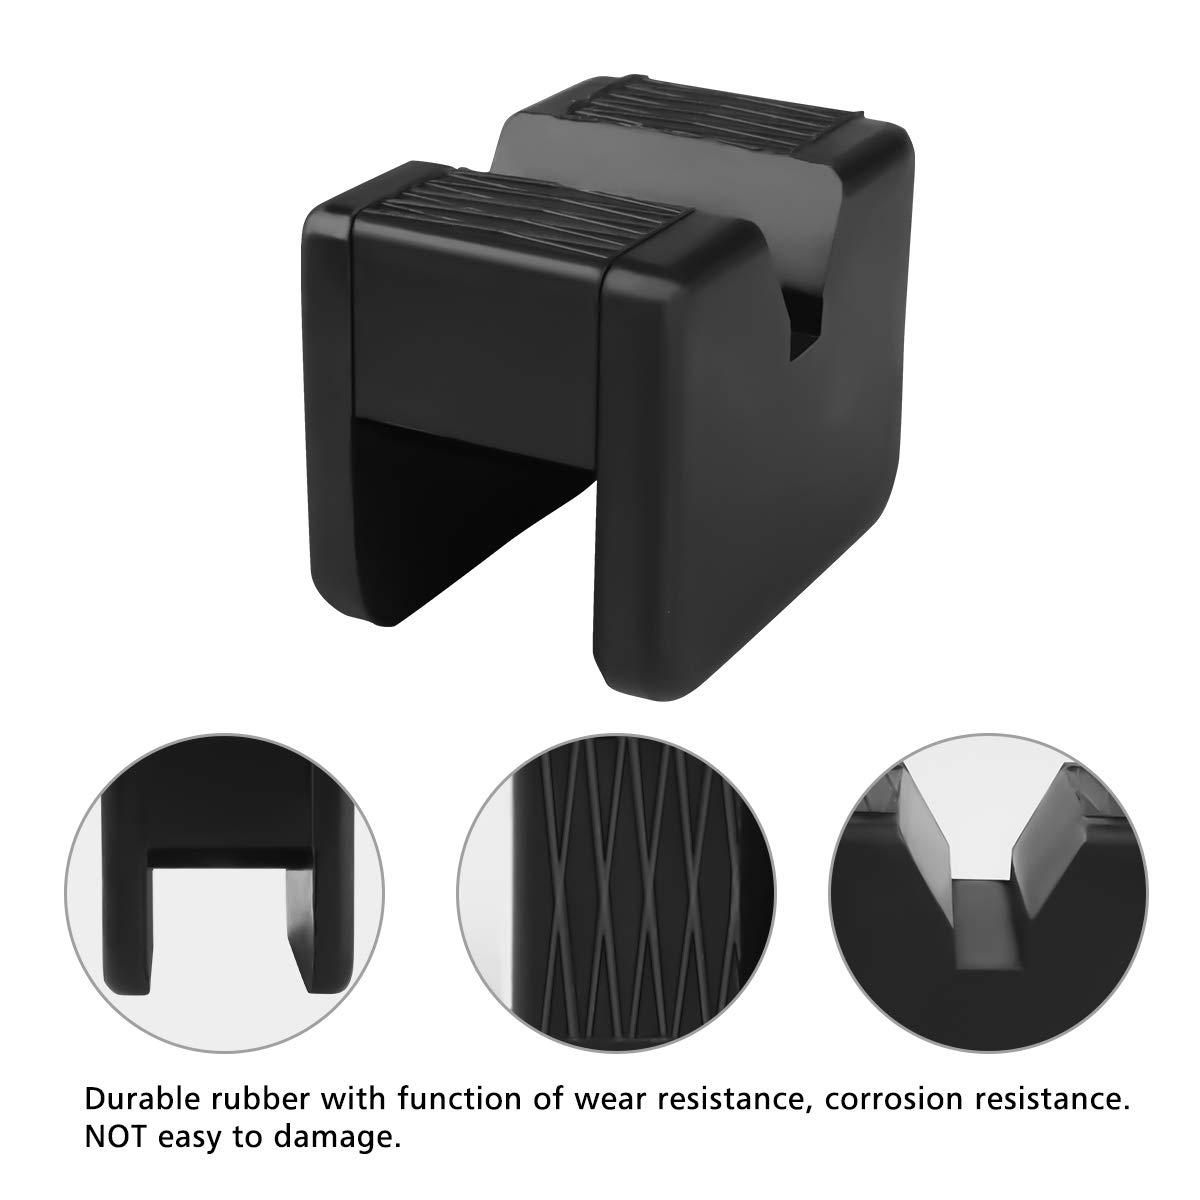 Confezione da 2 Tampone in Gomma per Cric Sollevatore Auto Ponte con Scanalatura Spessori per Cric Evitano Graffi Danni Resistente Universale Jack Pad